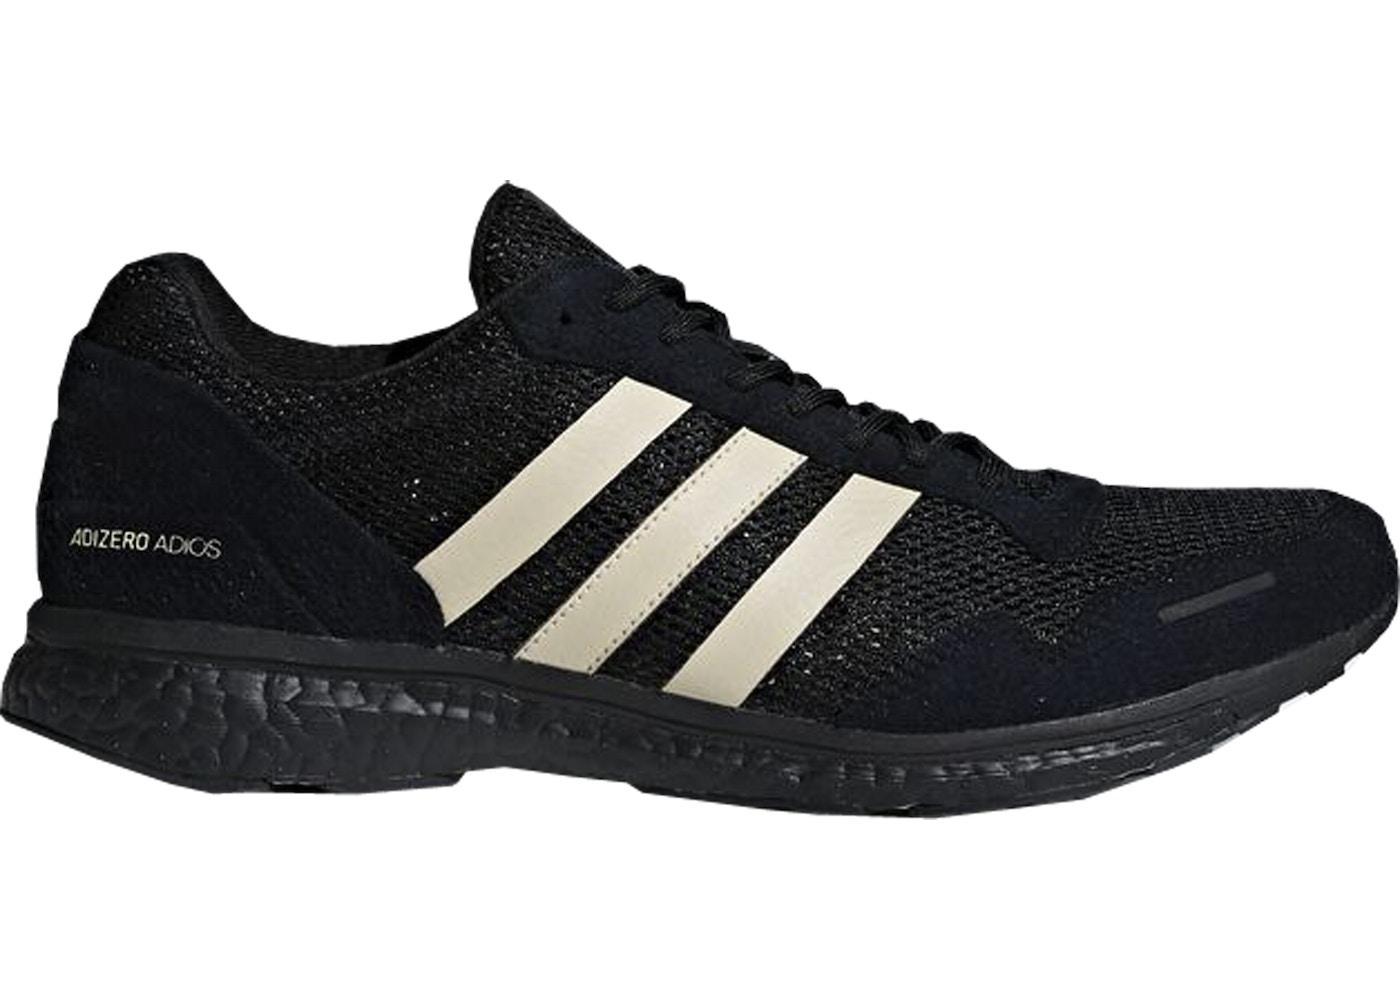 adios Wholesaler adiZero Best 3 Undefeated adidas Black nfPwUxt